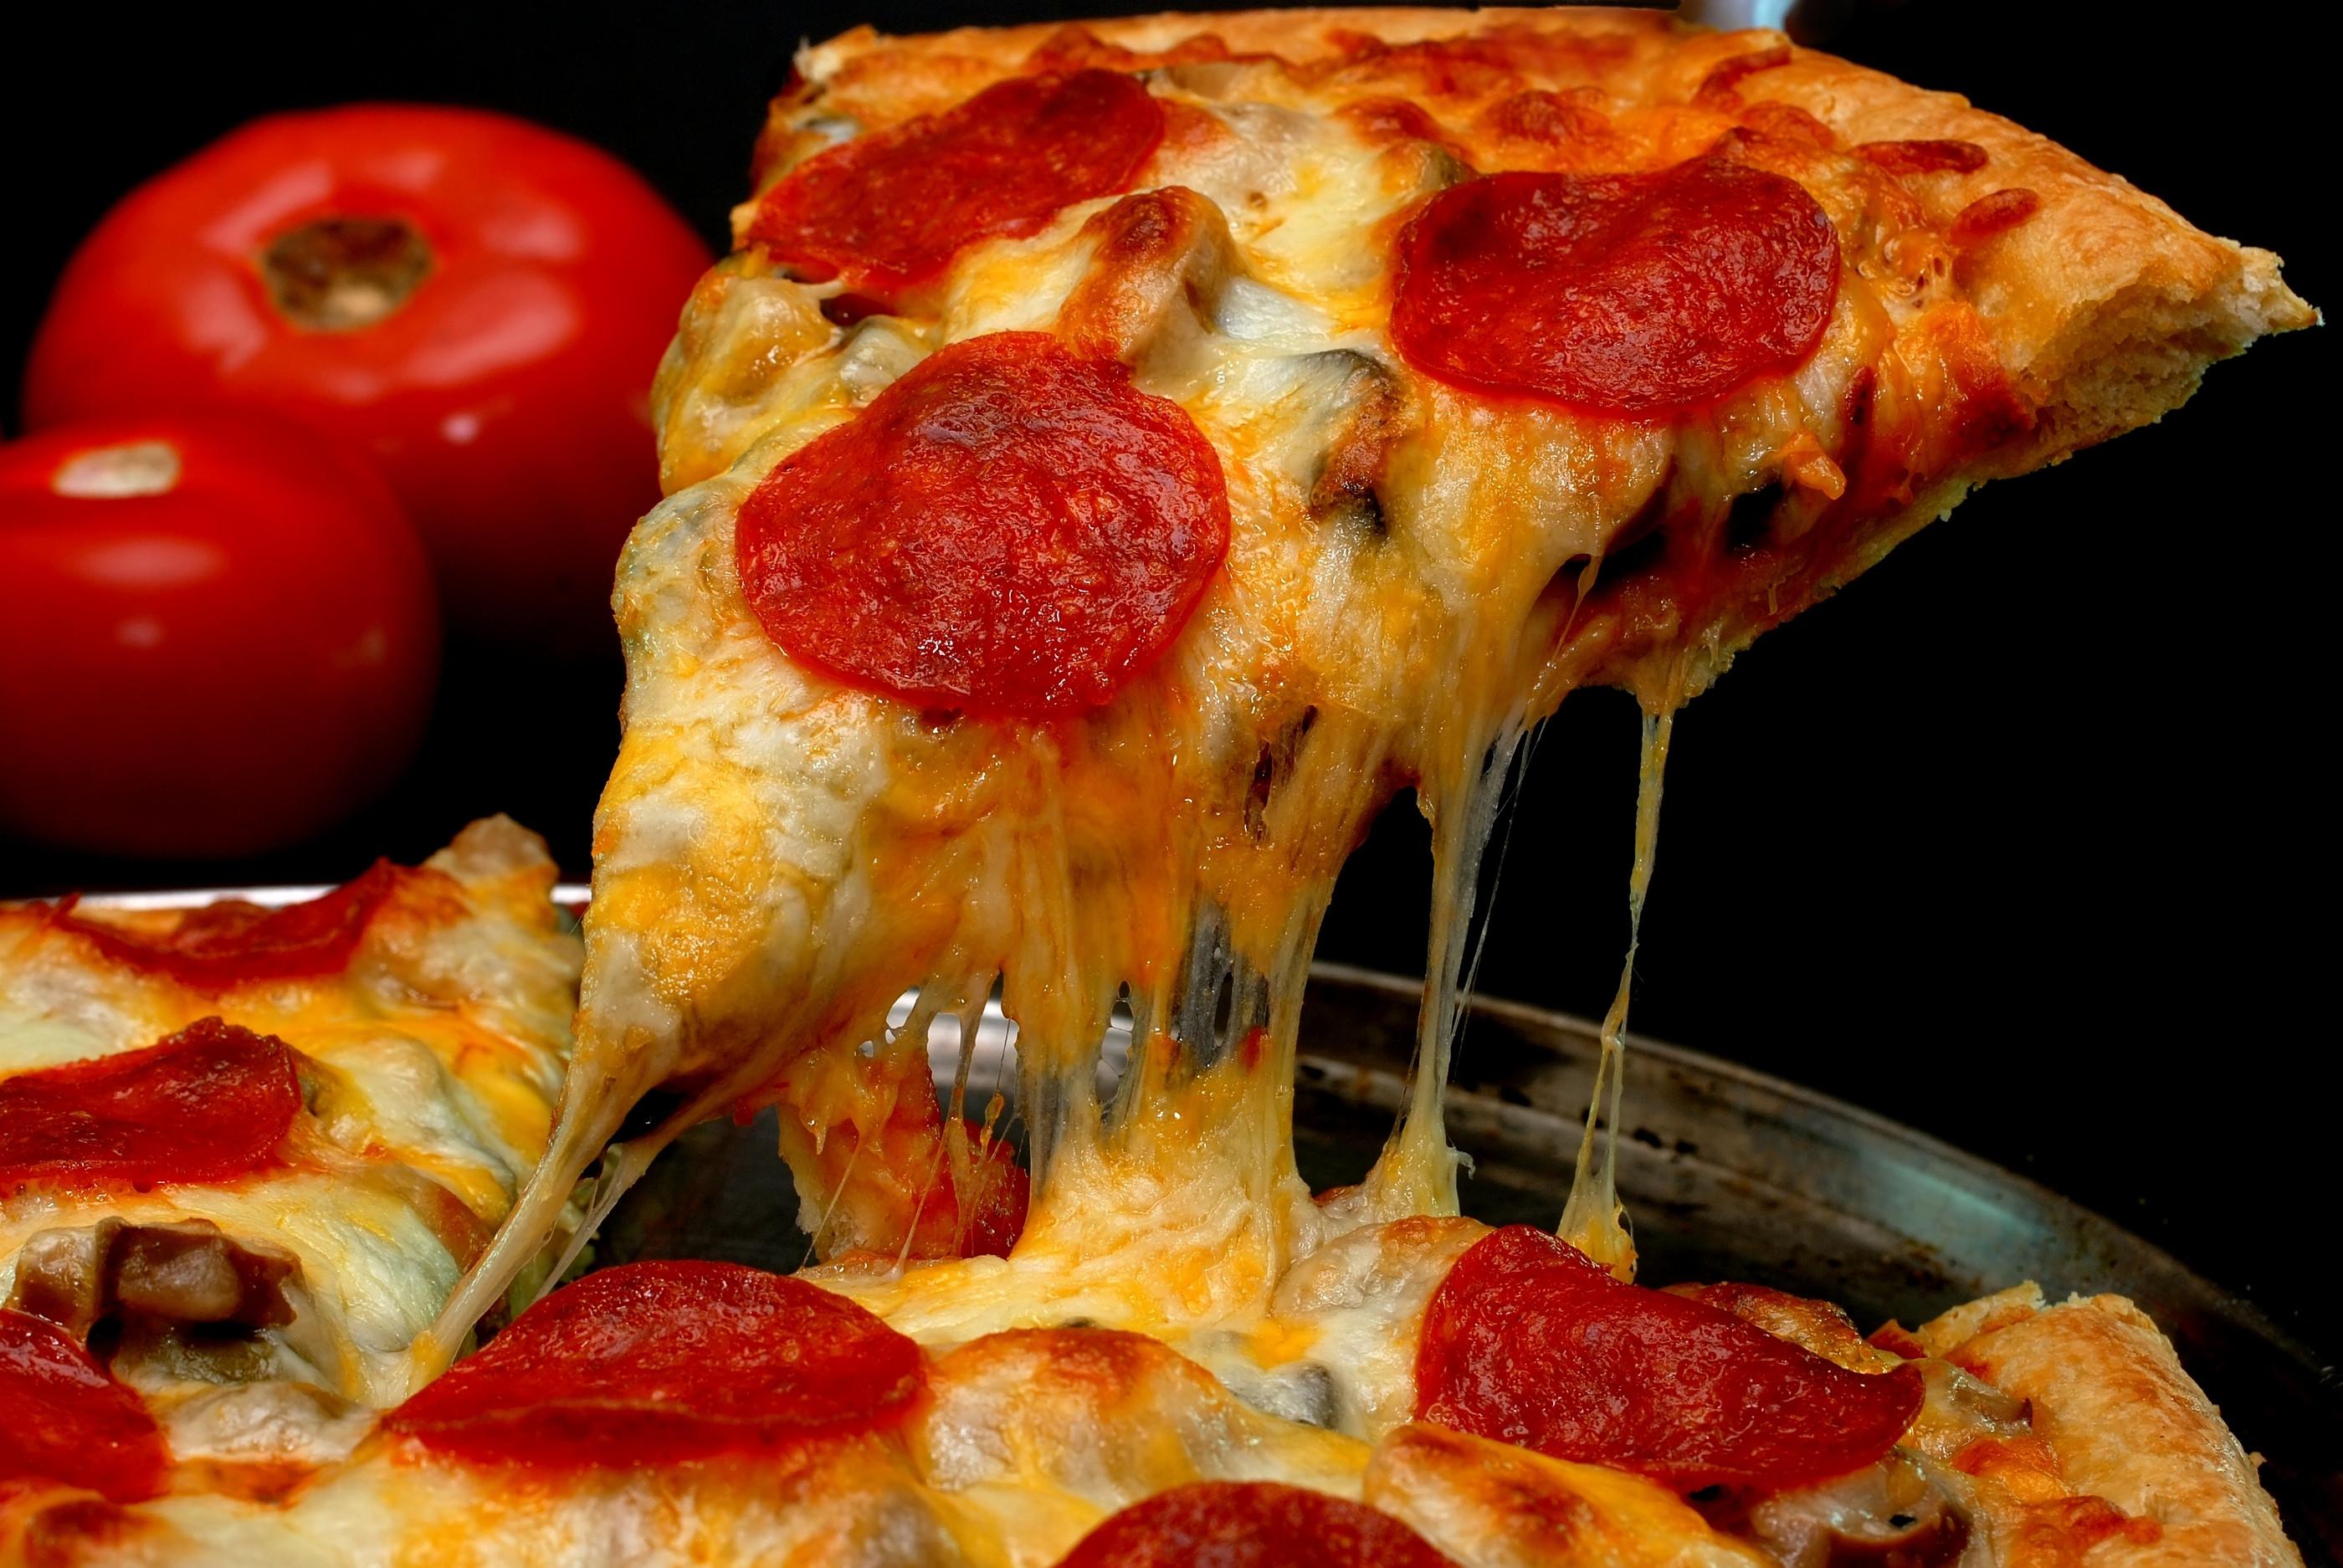 Pepperoni Pizza Slice  Pizza ai peperoni o pepperoni pizza — BUTAC Bufale un